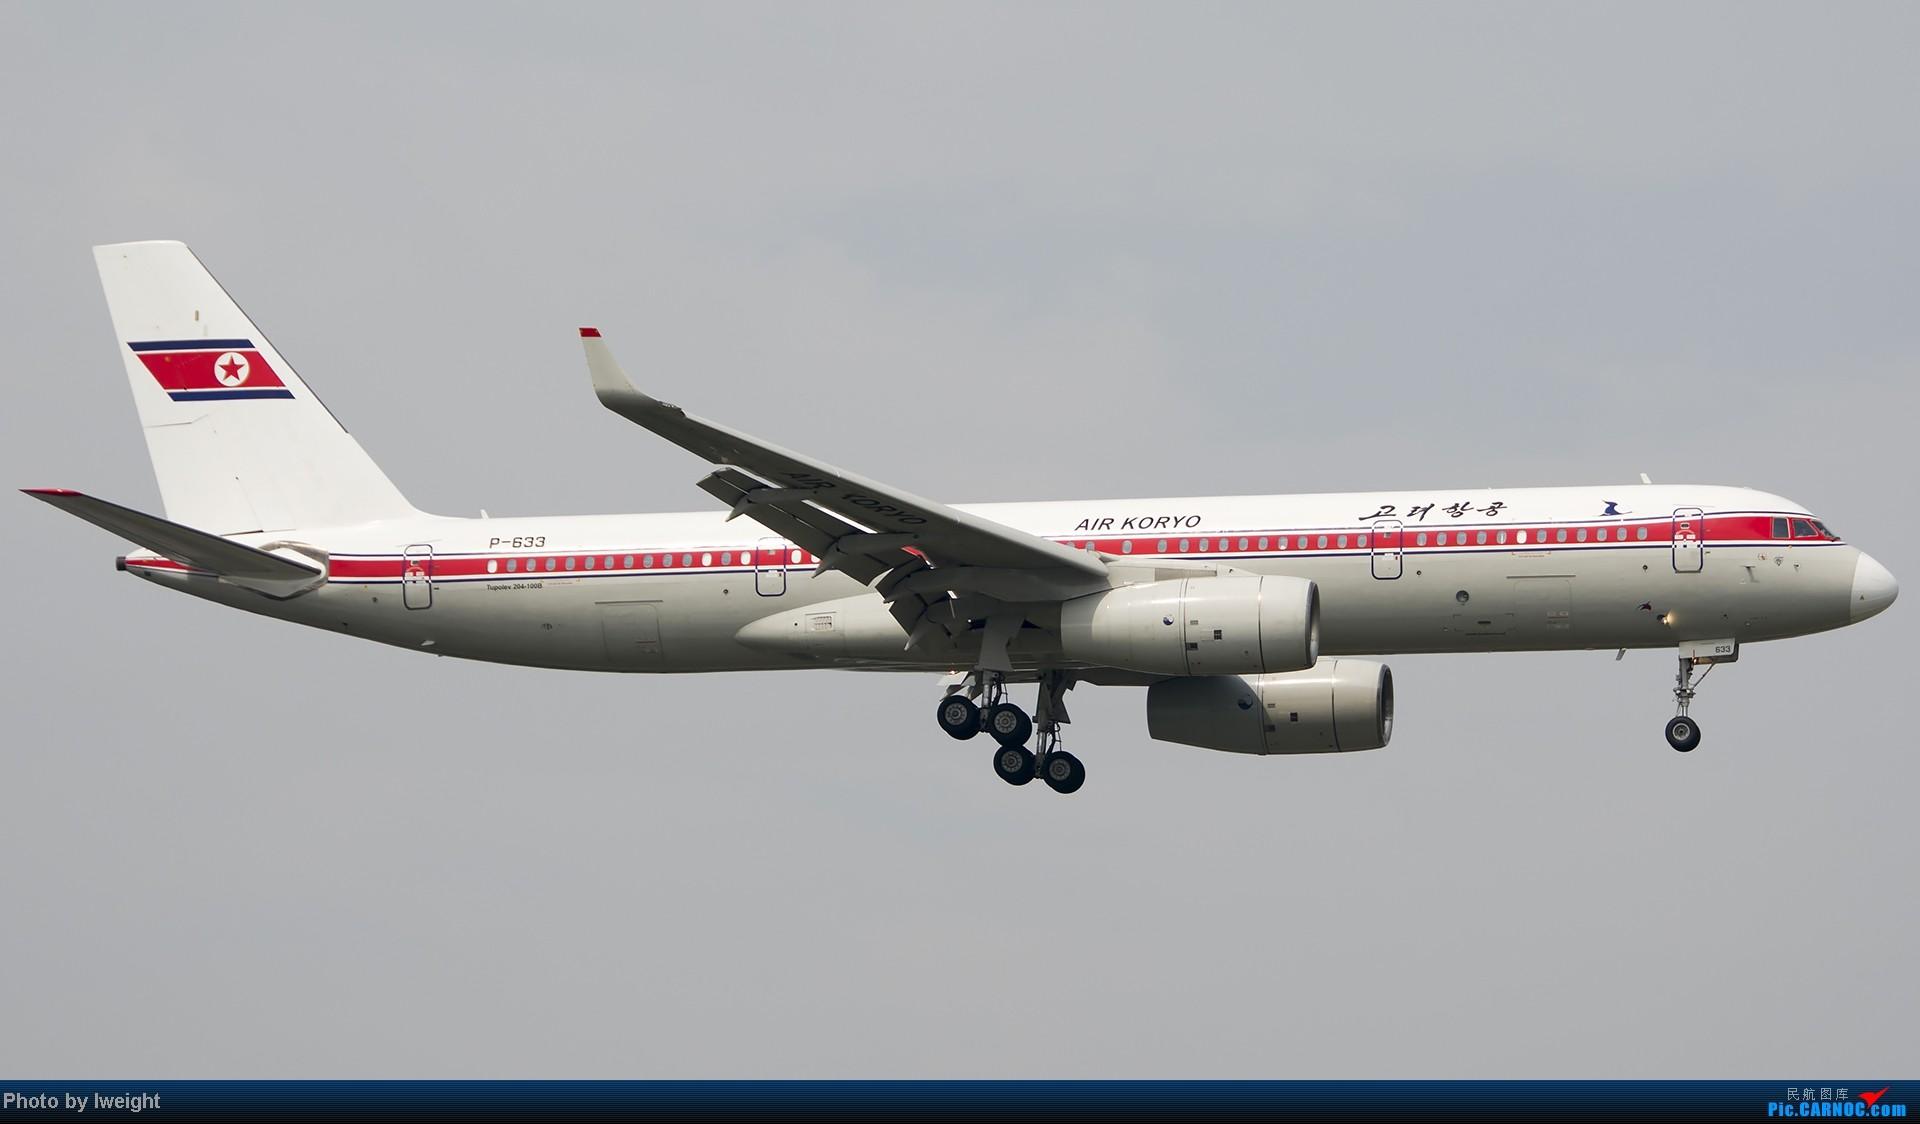 [原创]休假无聊,跑道边来拍机玩(晚点的ZestAir、换装的B6100和刚交付的B2738等) TUPOLEV TU-204-100 P-633 中国北京首都机场